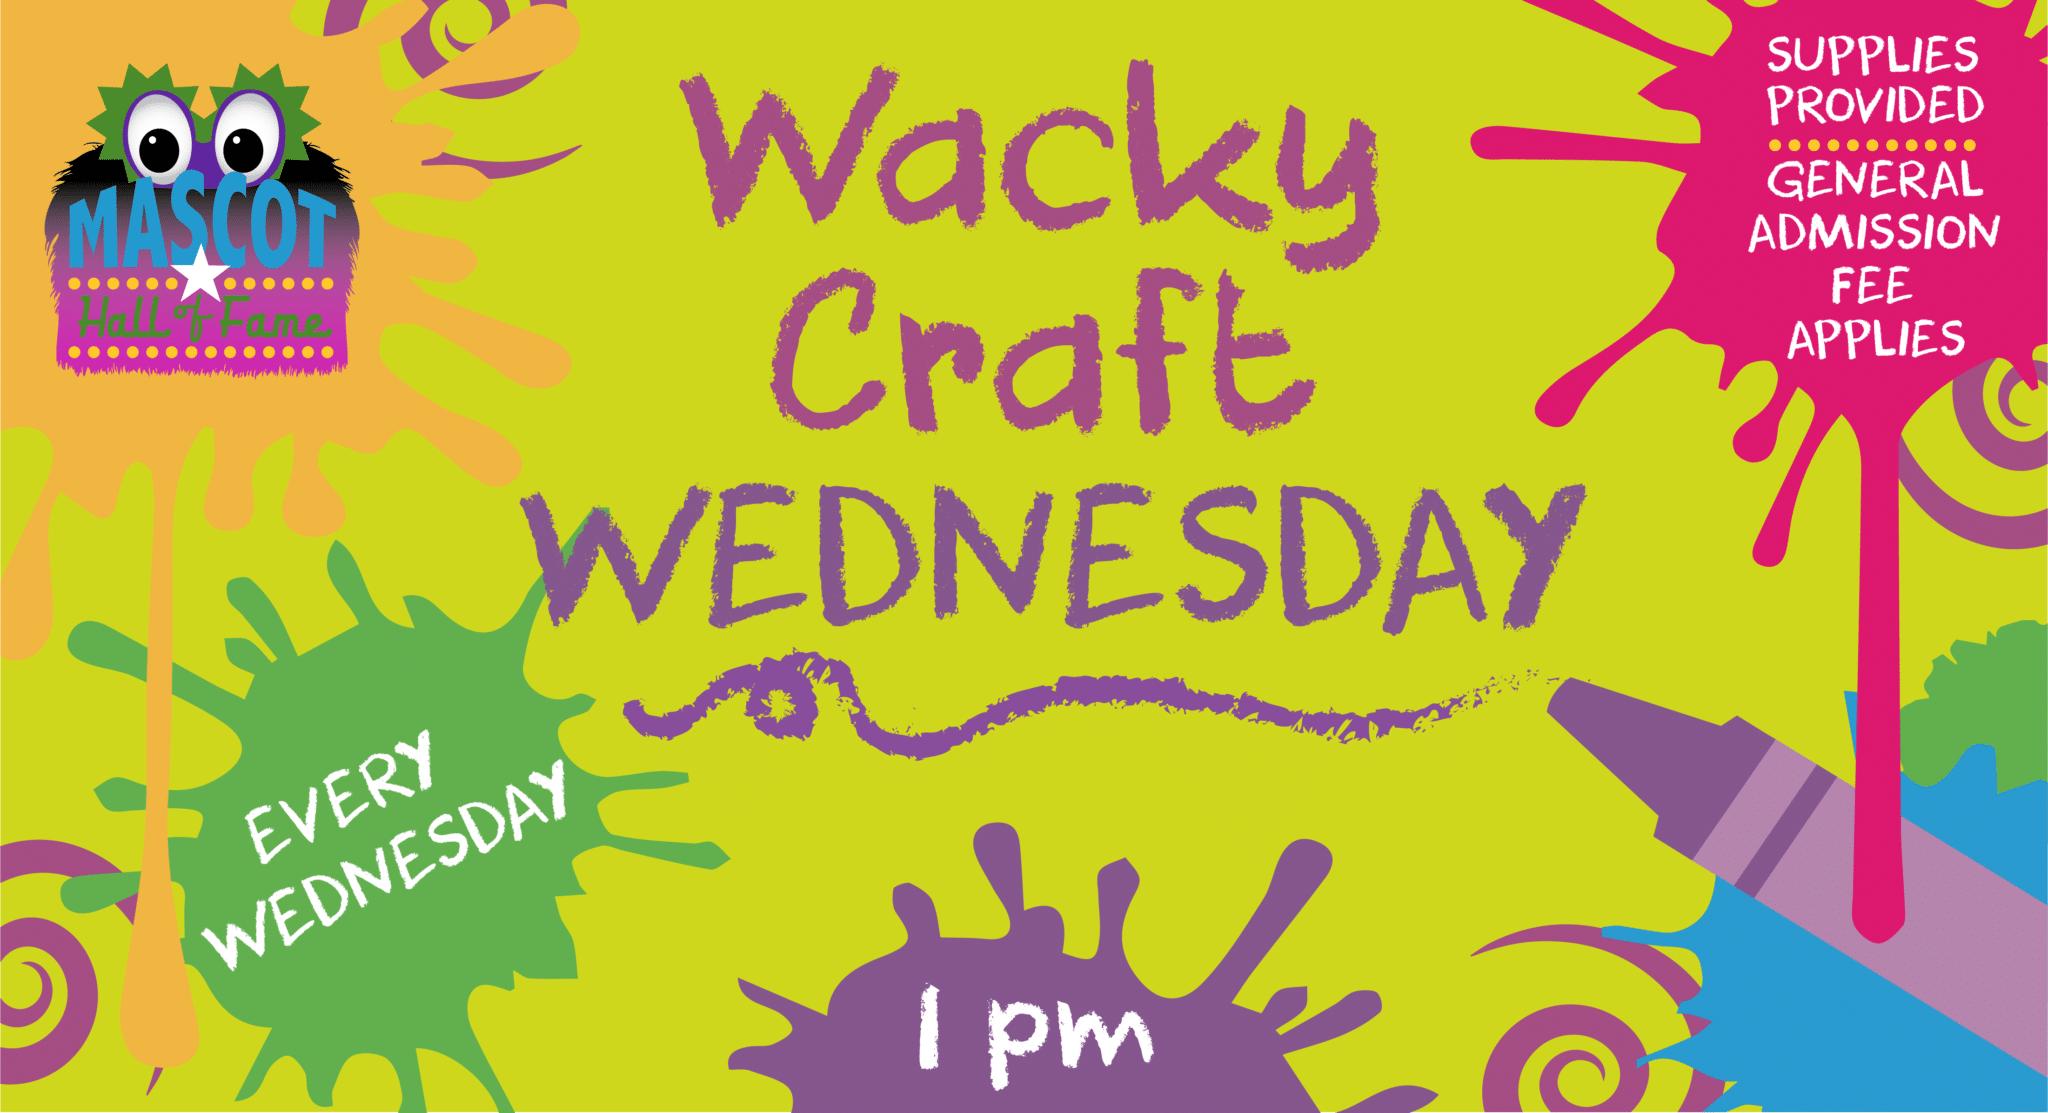 MHOF Wacky Craft Wednesday